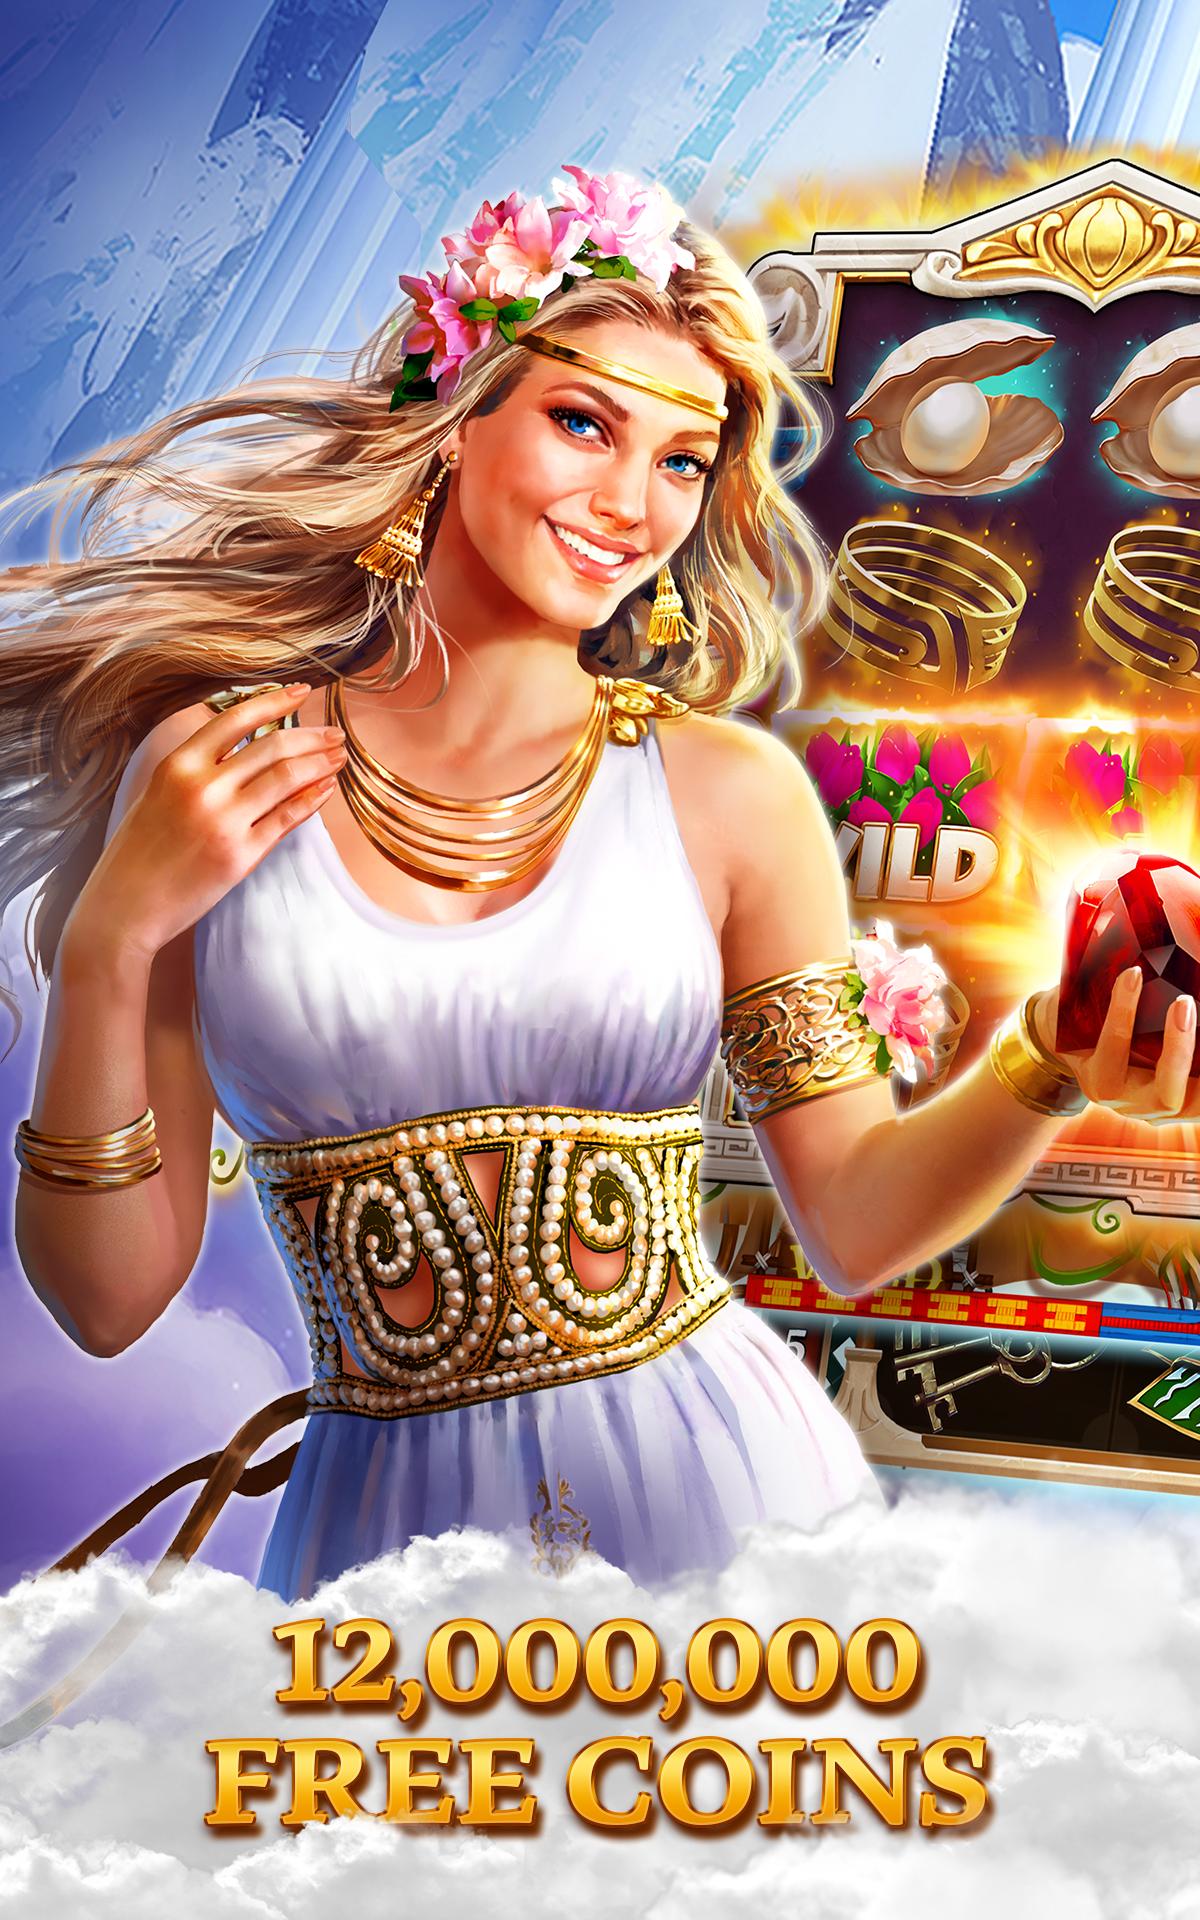 Free money games online no deposit